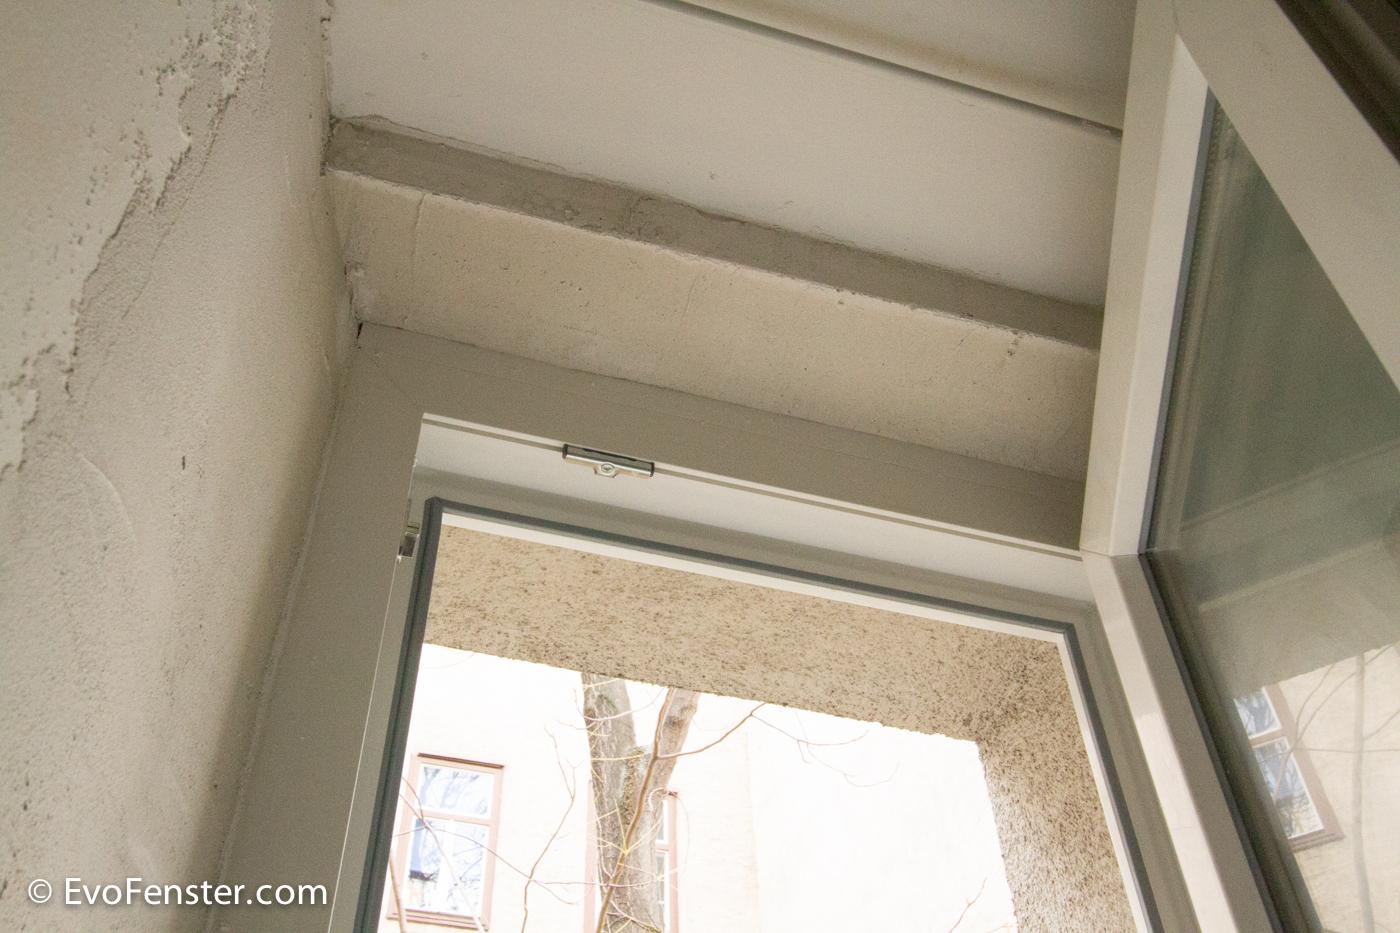 Fenstersanierung - Montage Kunststofffenster in Wien